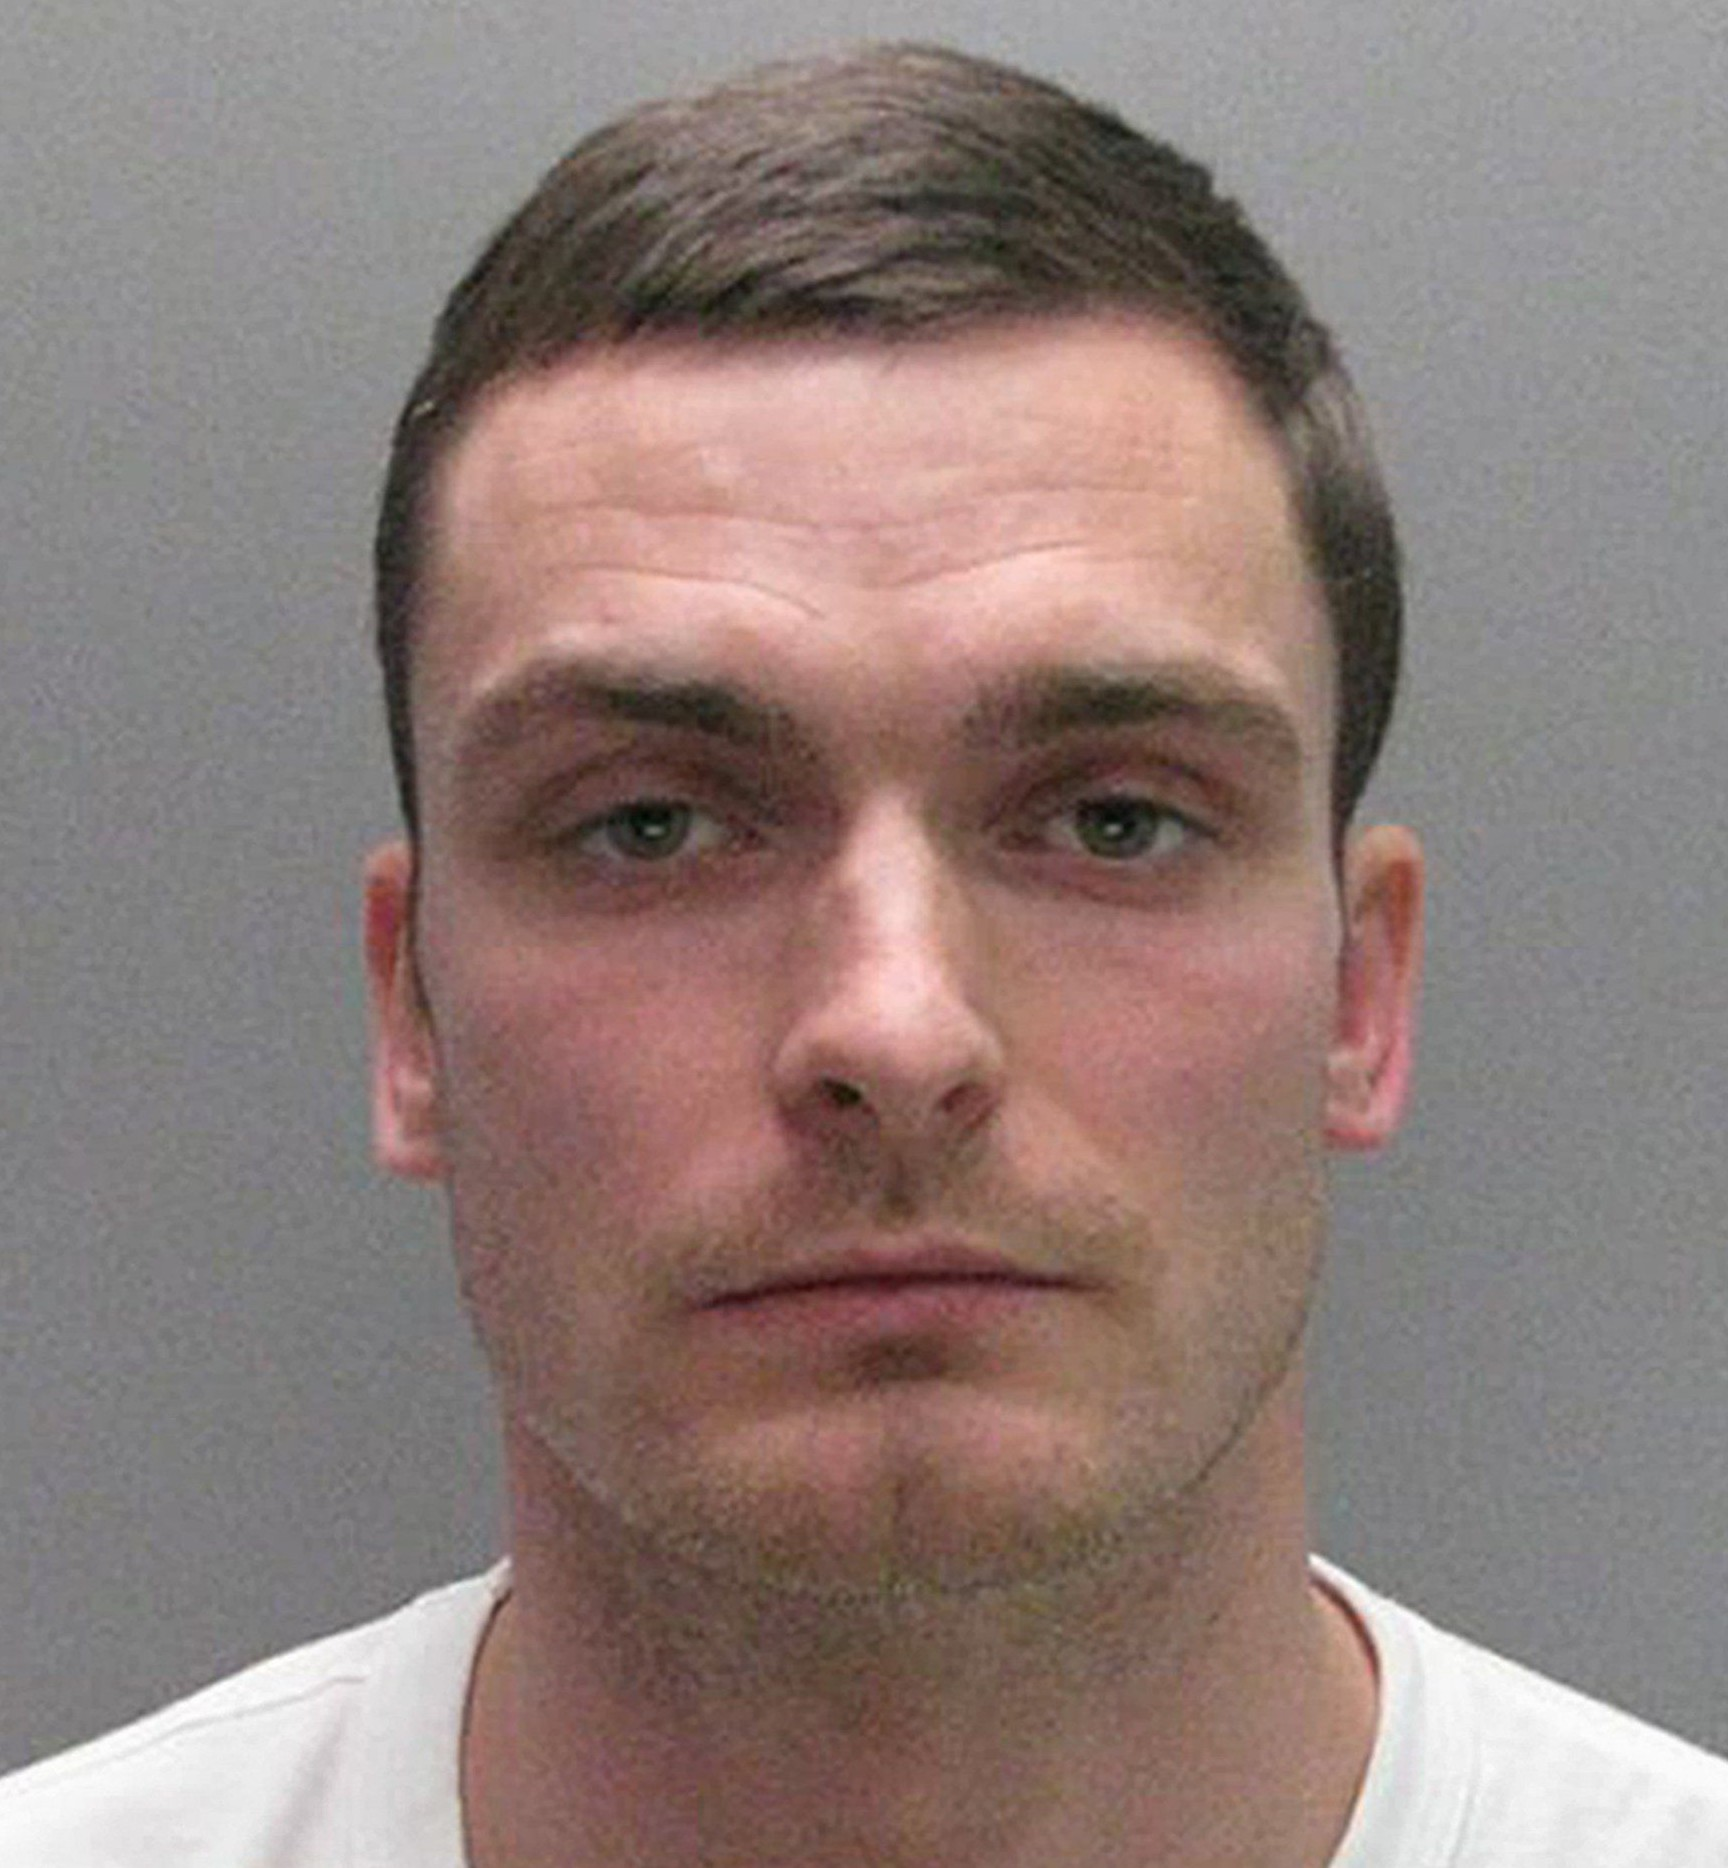 Paedophile Adam Johnson loses appeal against his conviction